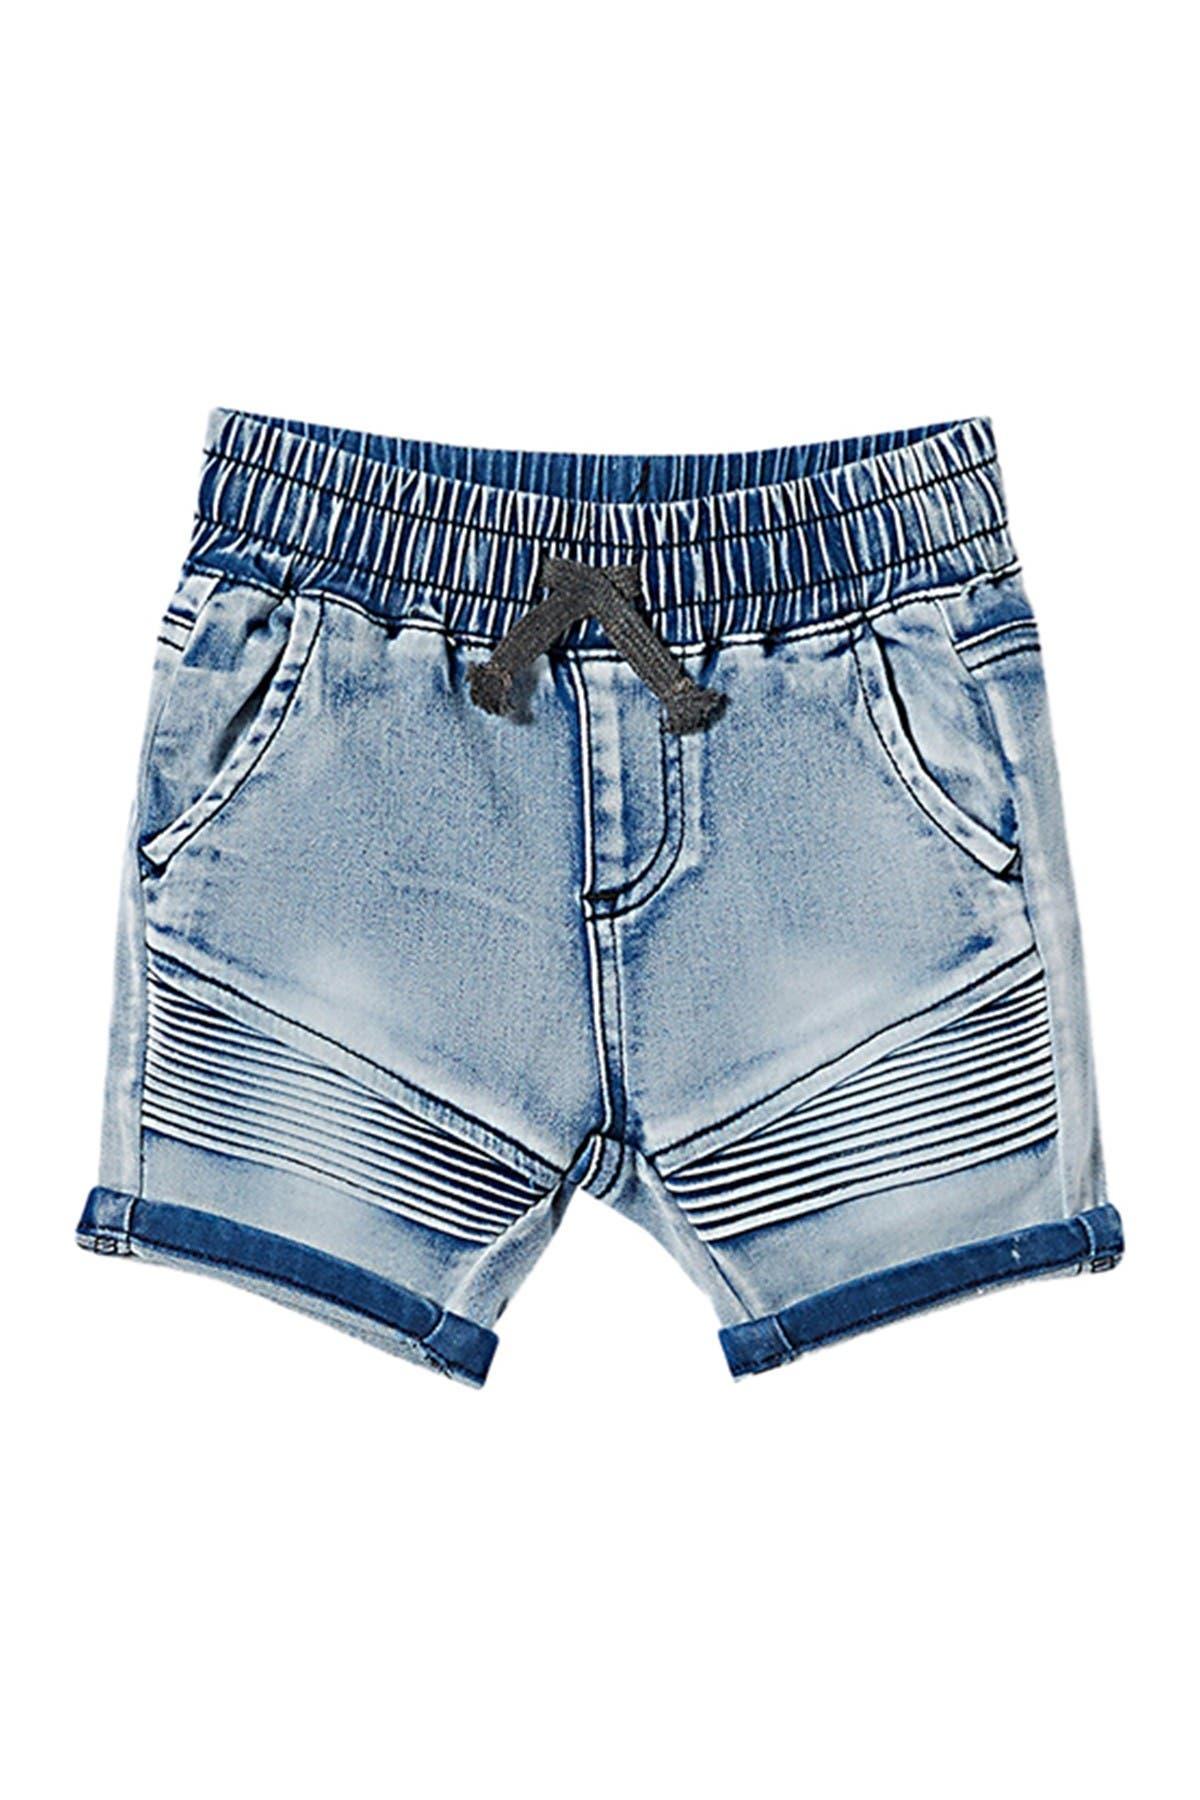 Image of Cotton On Jay Moto Shorts